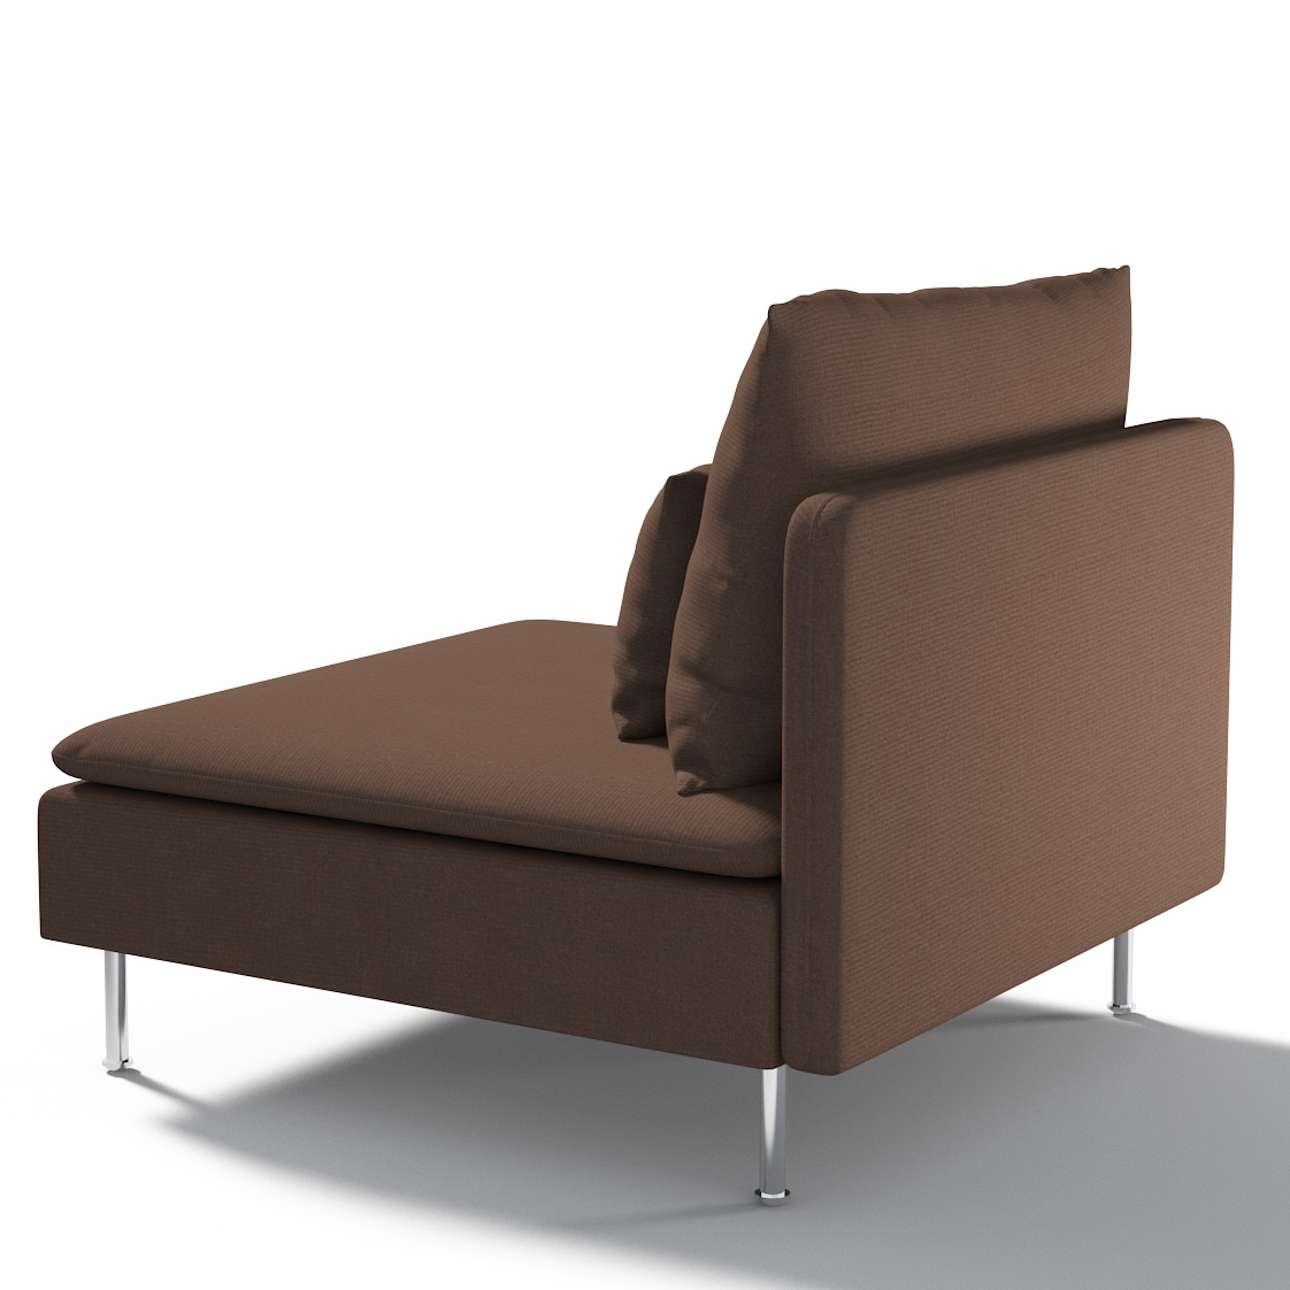 Bezug für Söderhamn Sitzelement 1 von der Kollektion Etna, Stoff: 705-08